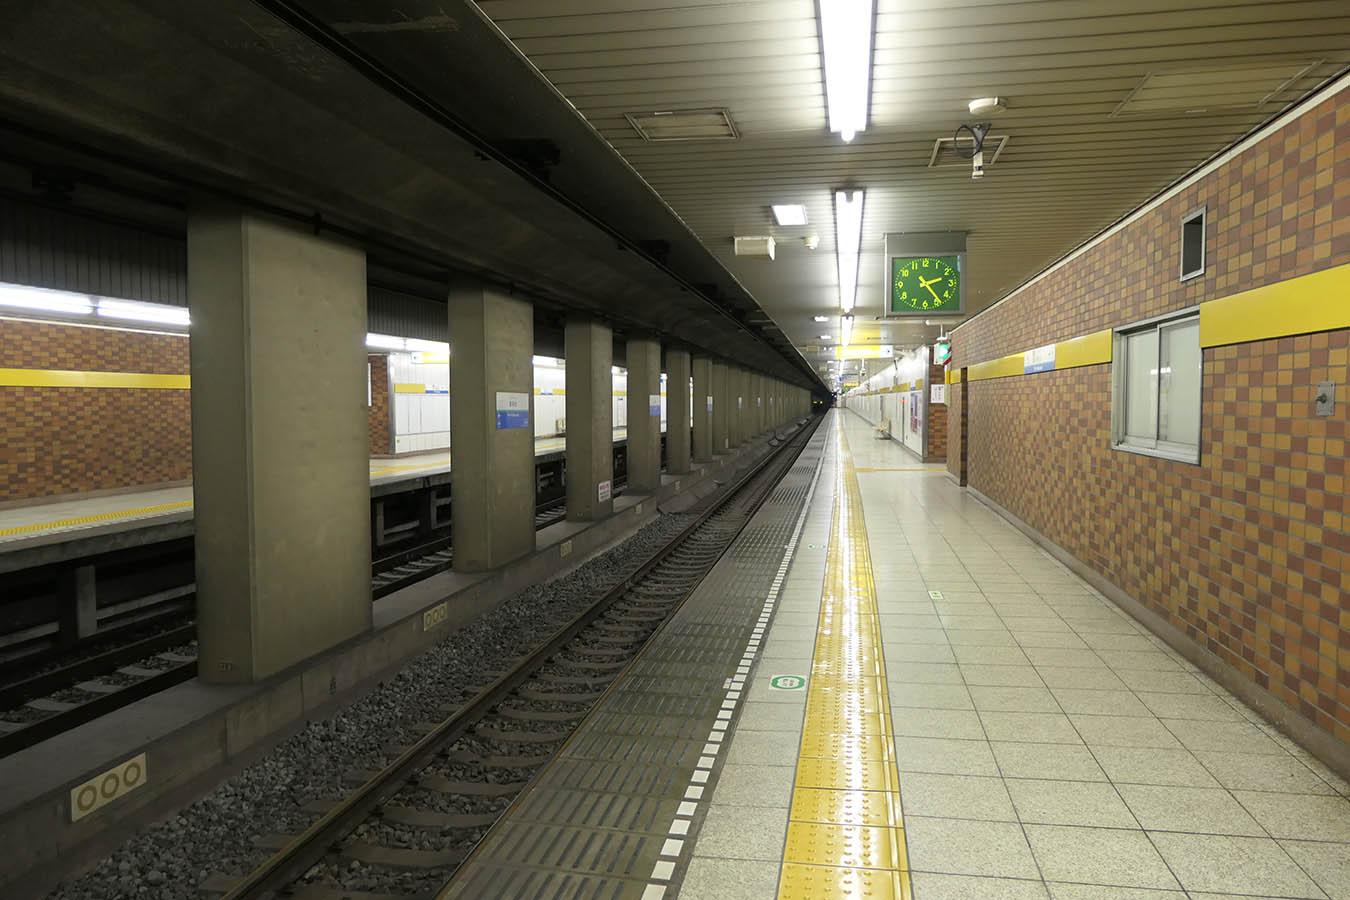 si38_photo03.jpg